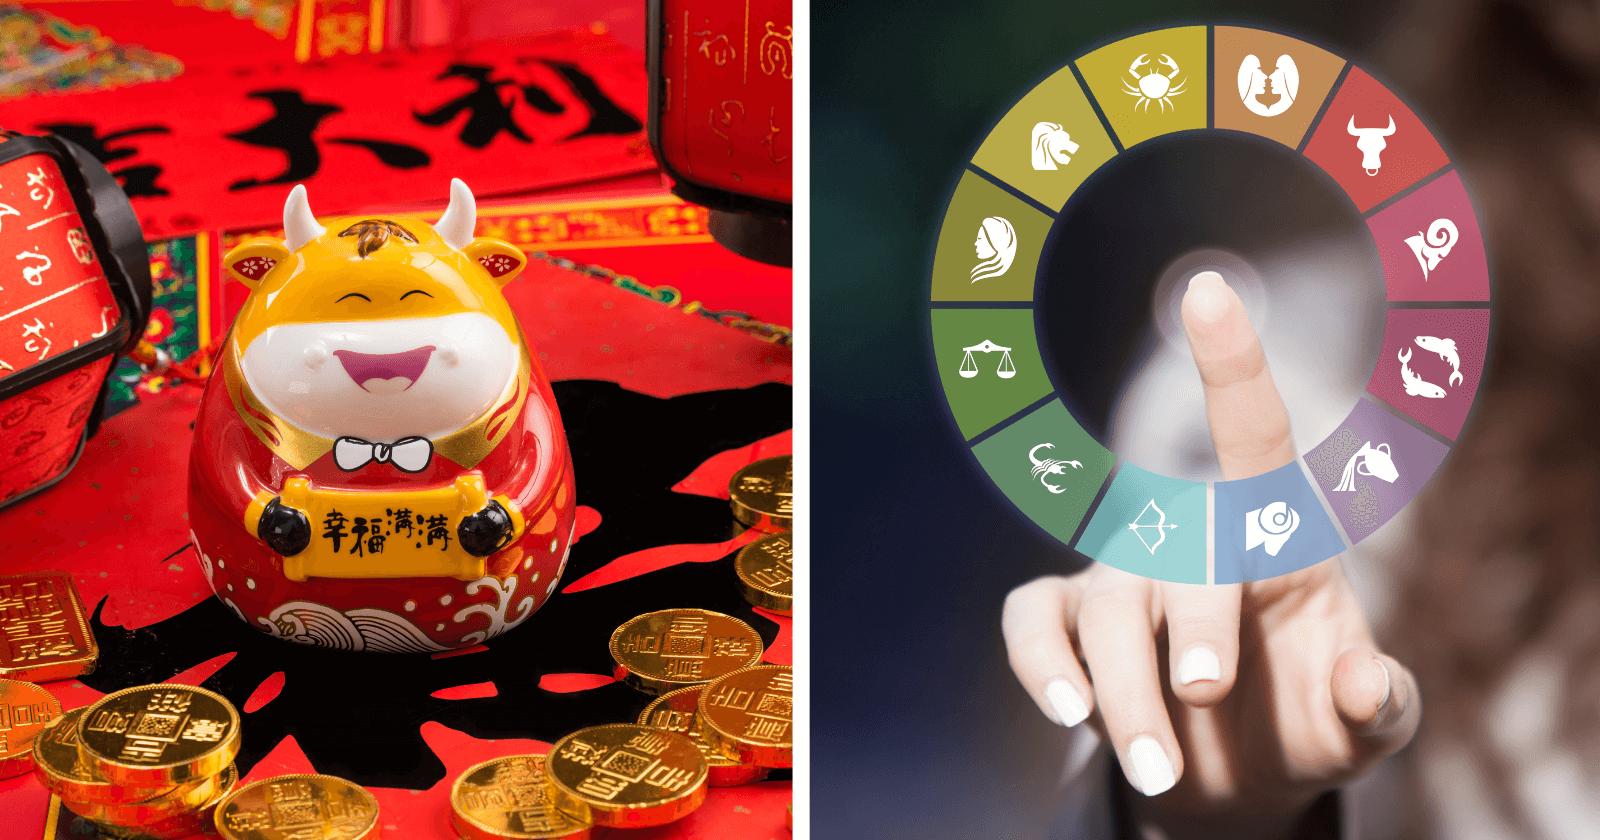 PREPARE-SE PARA 2021: previsões do Ano Novo Chinês e as influências sobre os Signos